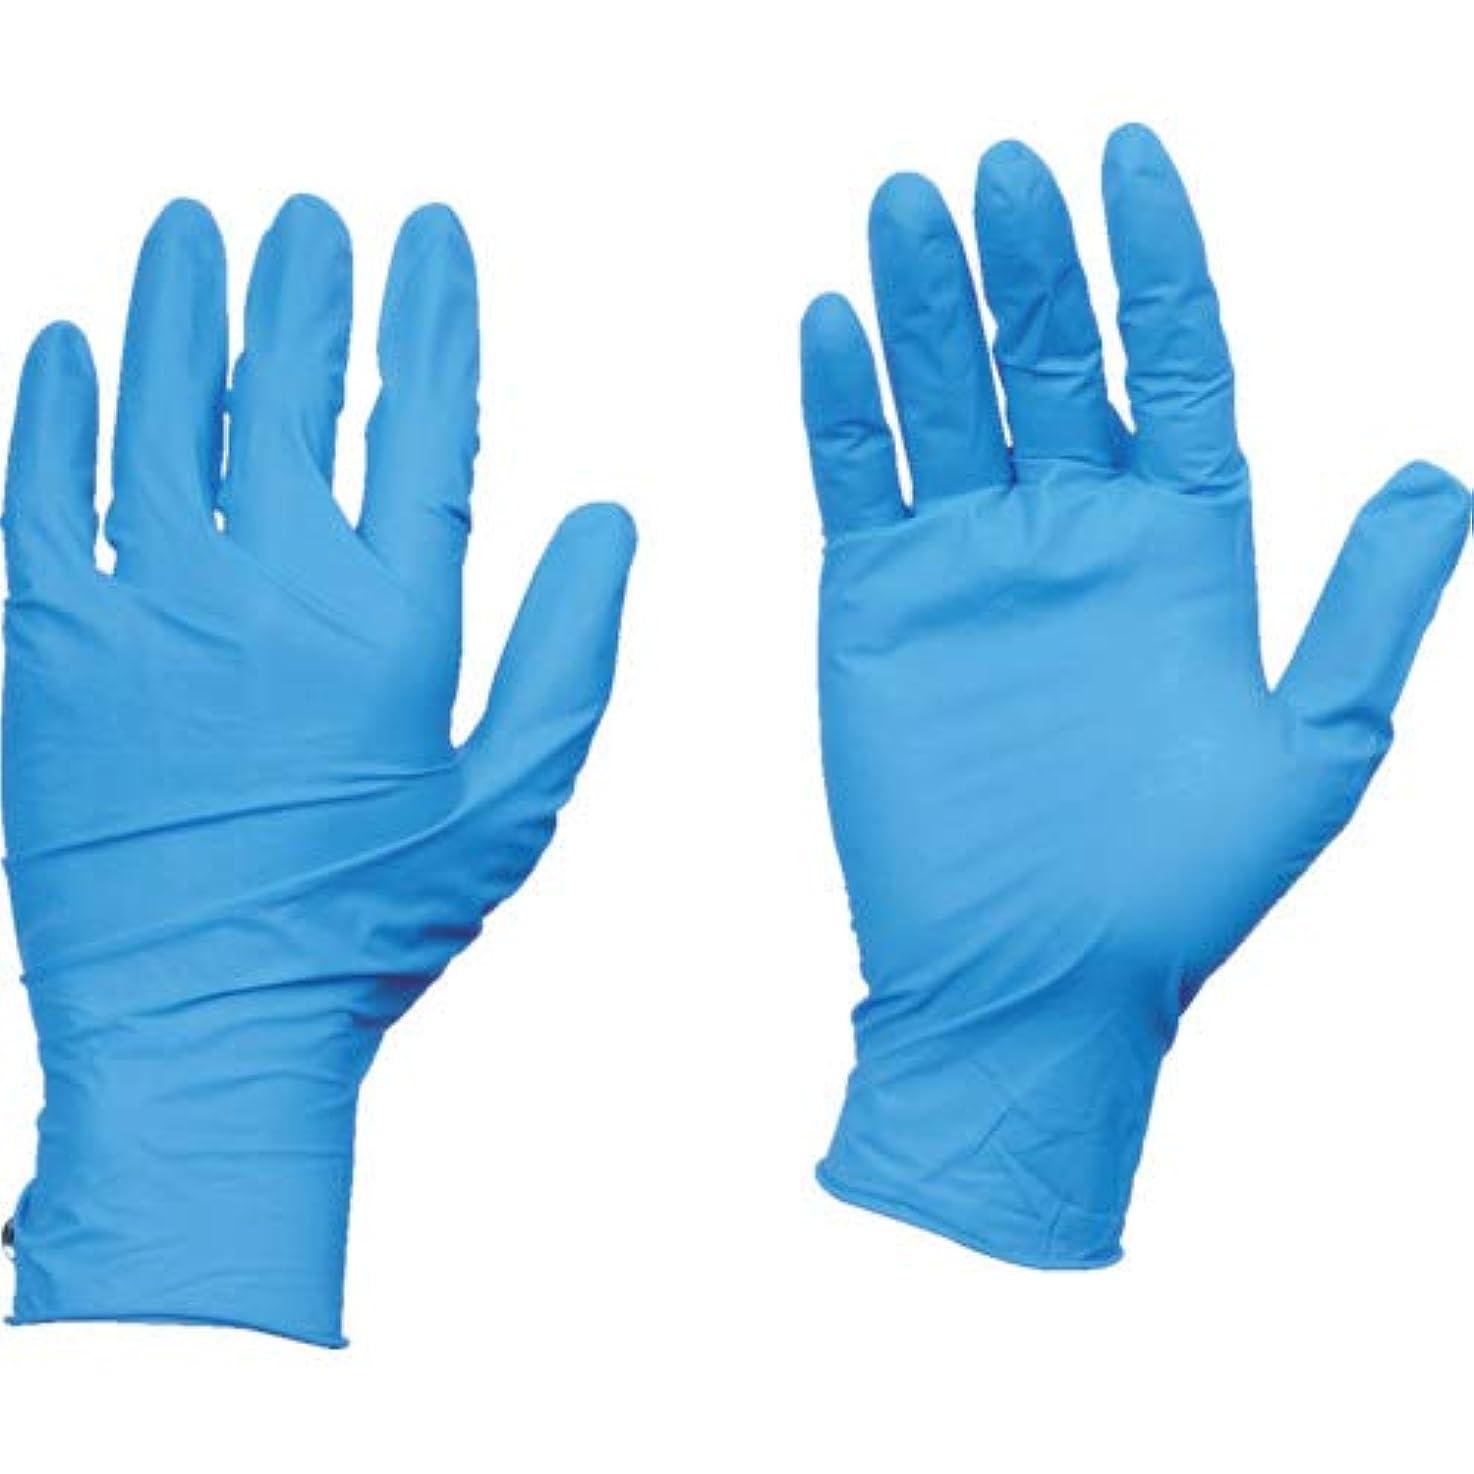 荒涼とした不快ピアニストTRUSCO(トラスコ) 10箱入り 使い捨て天然ゴム手袋TGワーク 0.10 粉付青L TGPL10BL10C